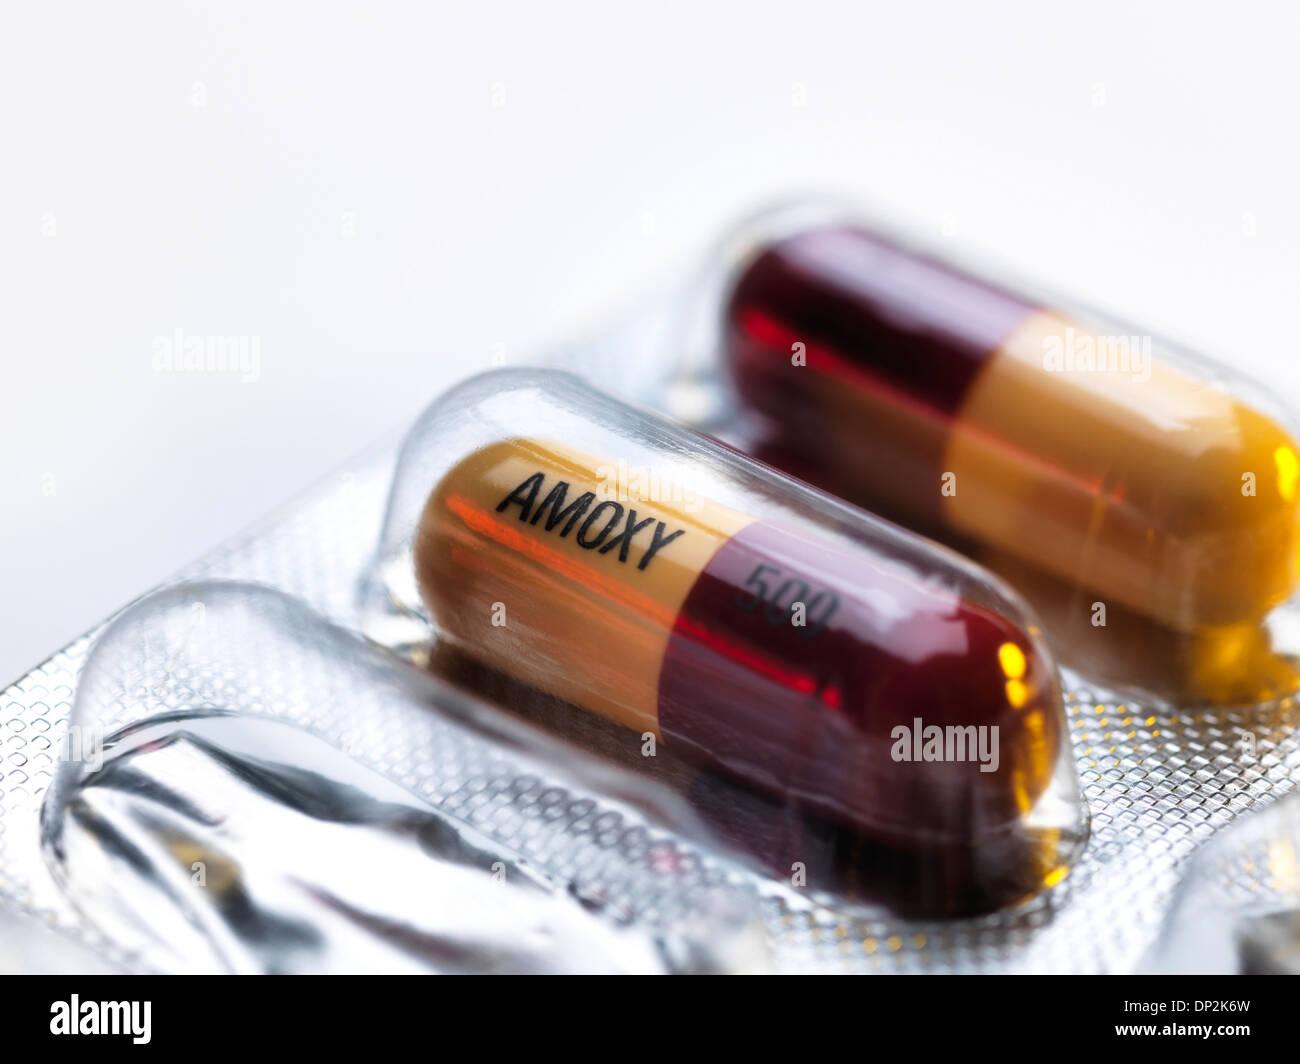 Amoxicillin antibiotic drug capsules - Stock Image